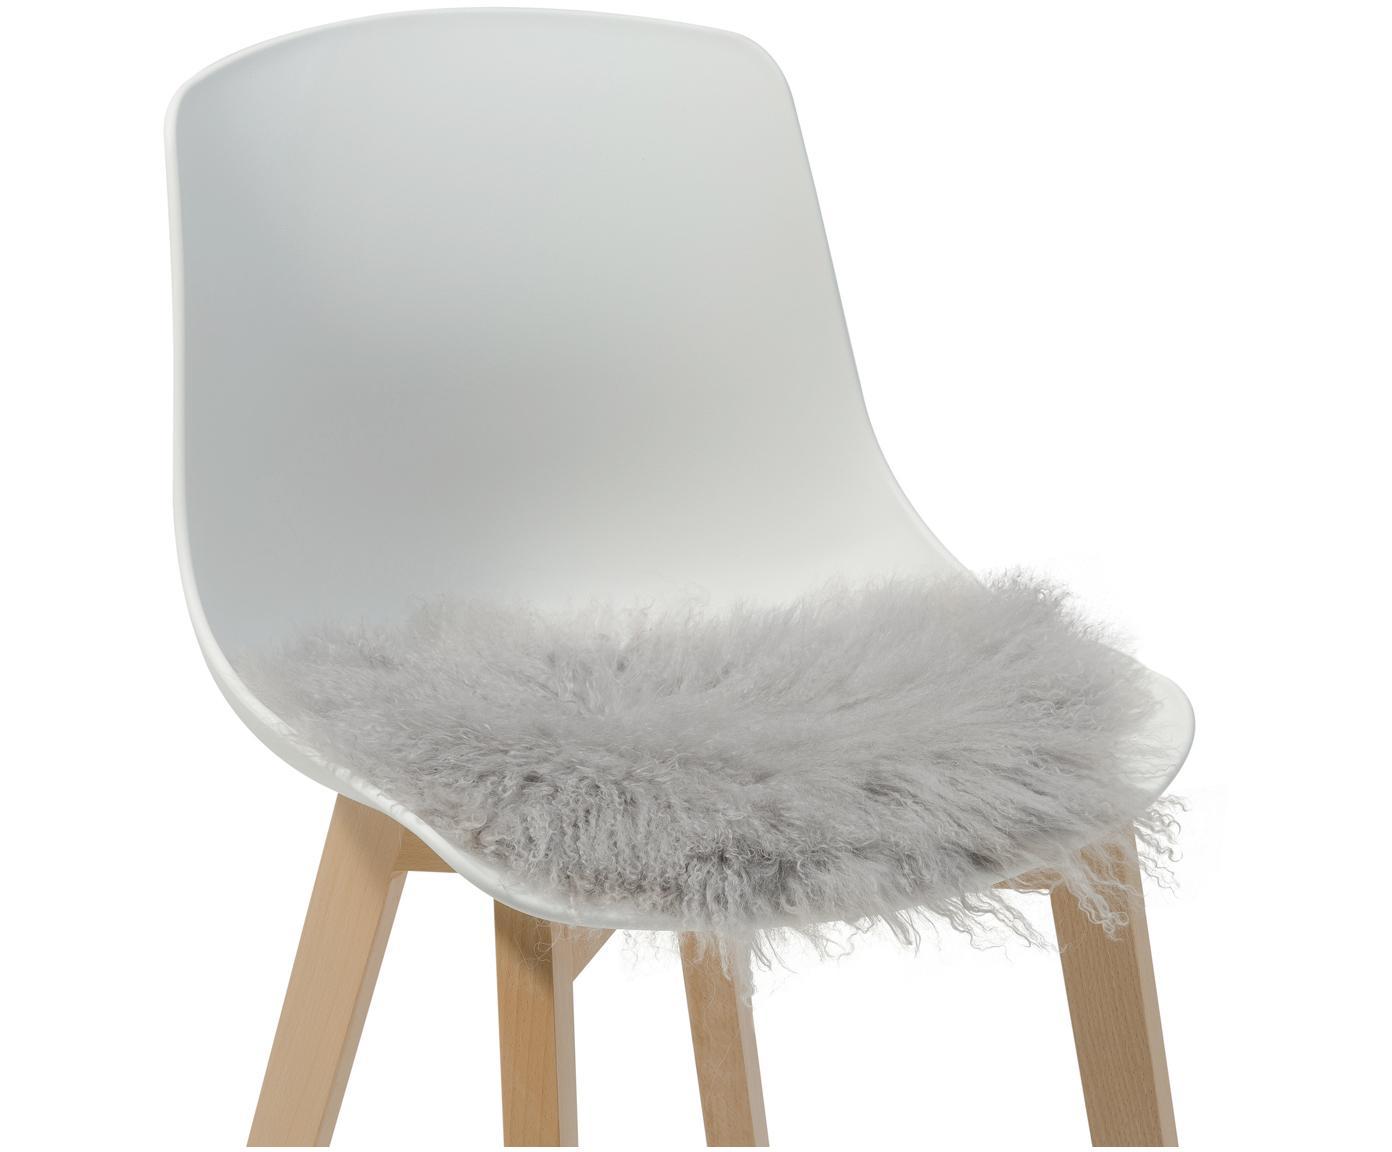 Runde Langhaar-Lammfell Sitzauflage Ella, gelockt, Vorderseite: 100% mongolisches Lammfel, Rückseite: 100% Polyester, Hellgrau, Ø 37 cm